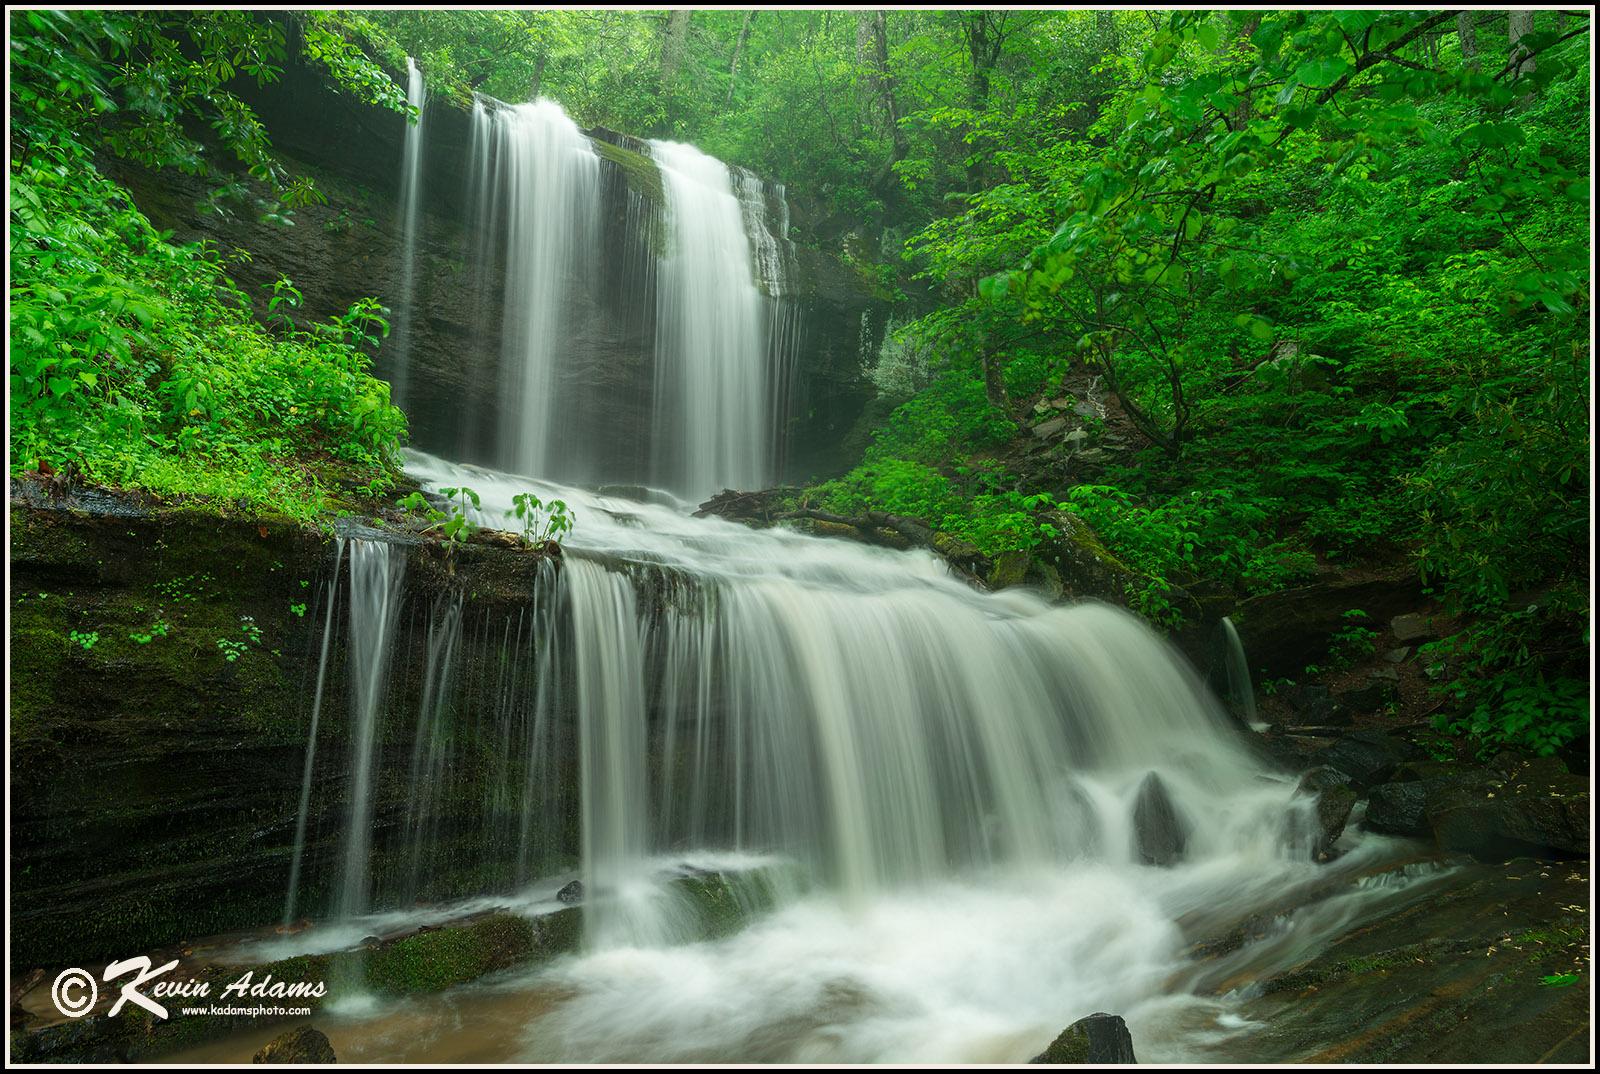 Grassy Creek Falls